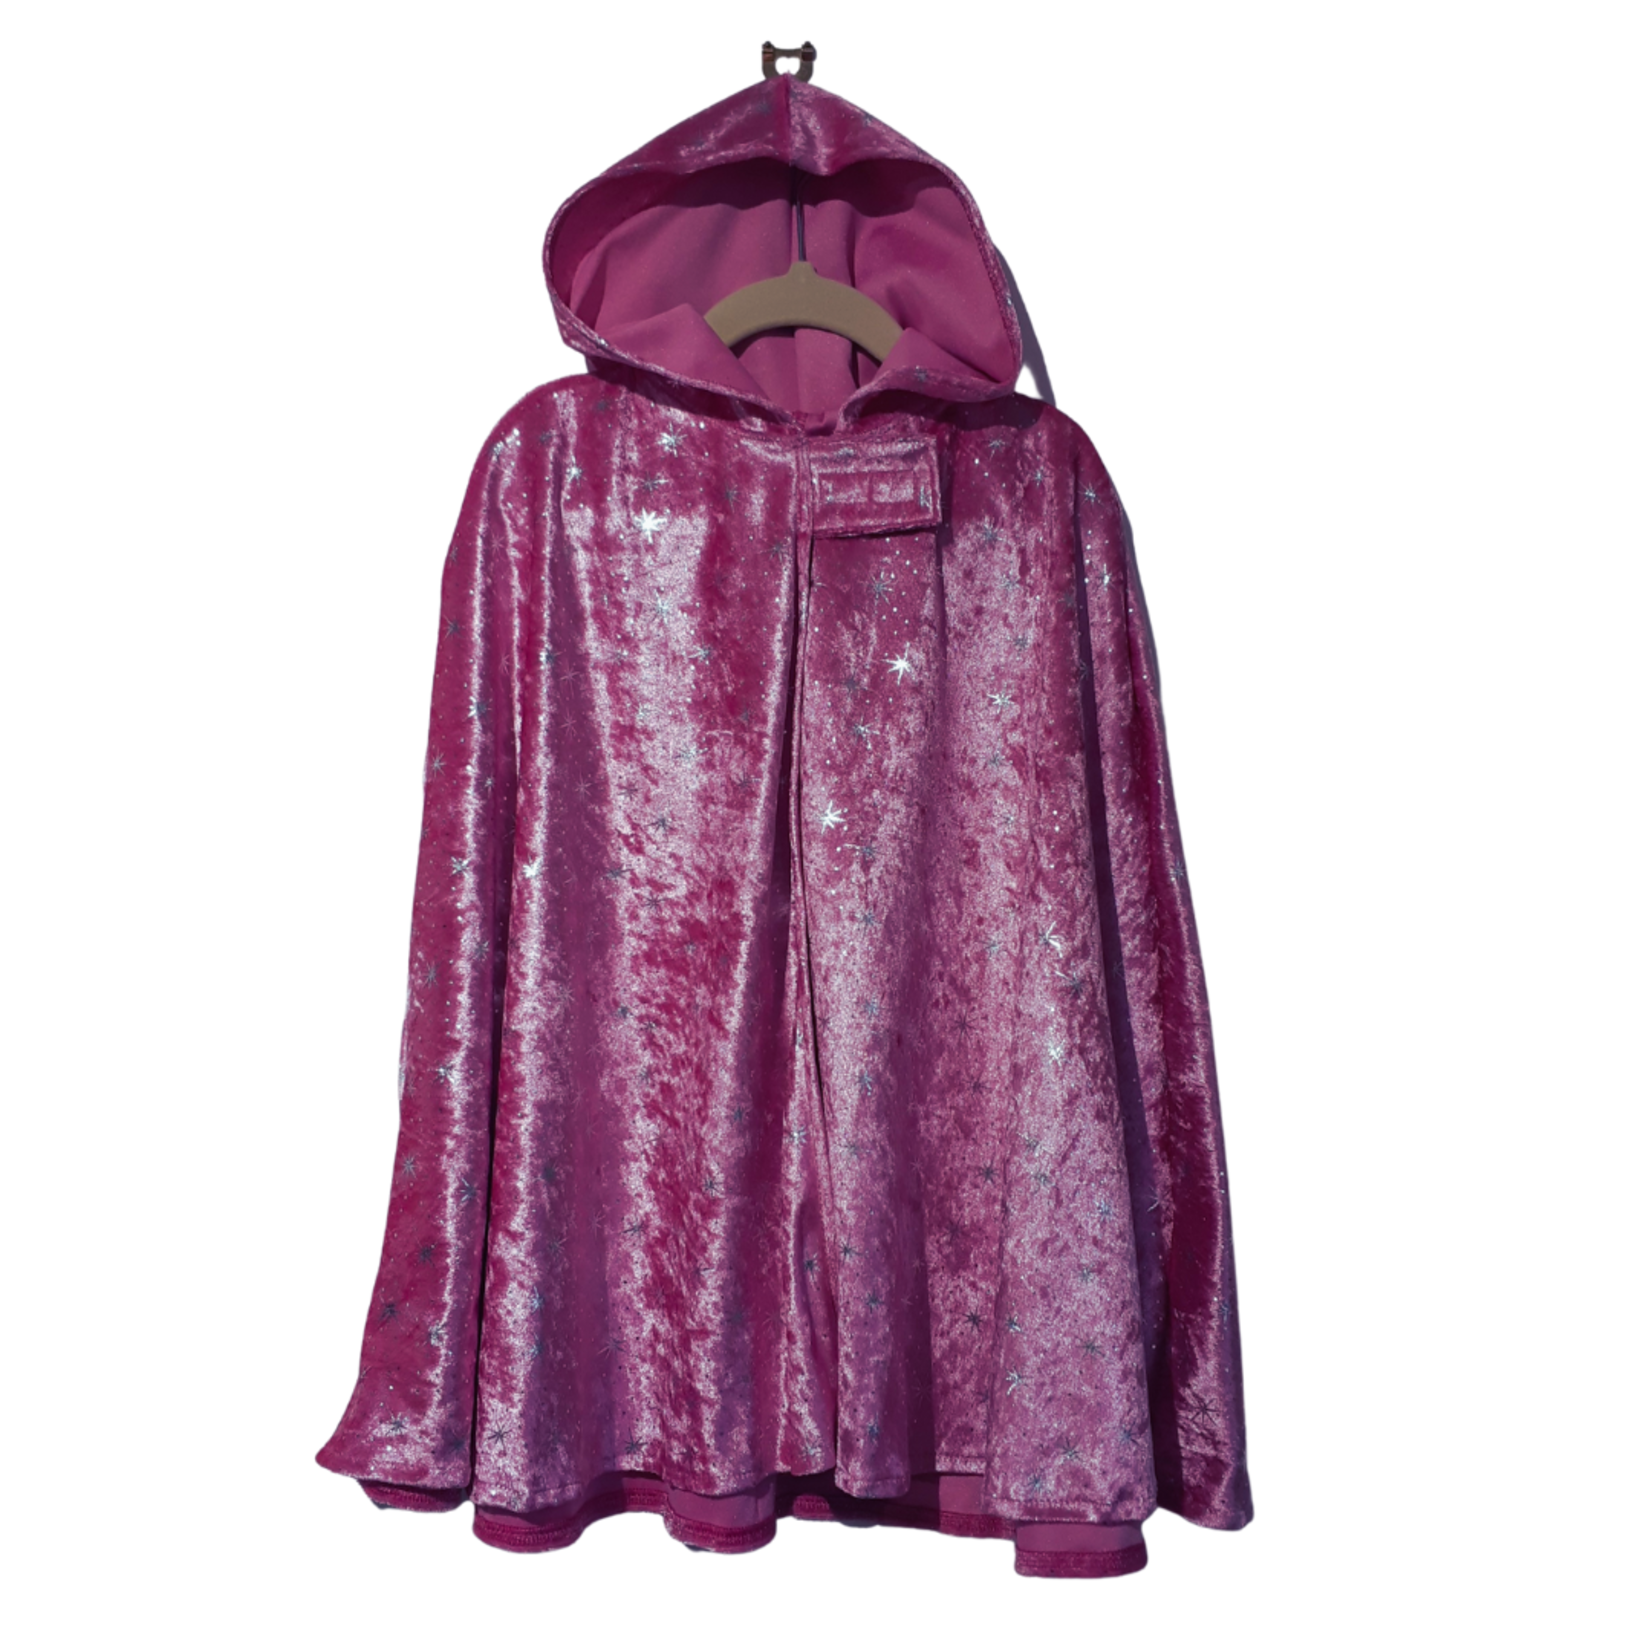 Wacky Wardrobe Wacky Wardrobe Cape Pink Star - Medium